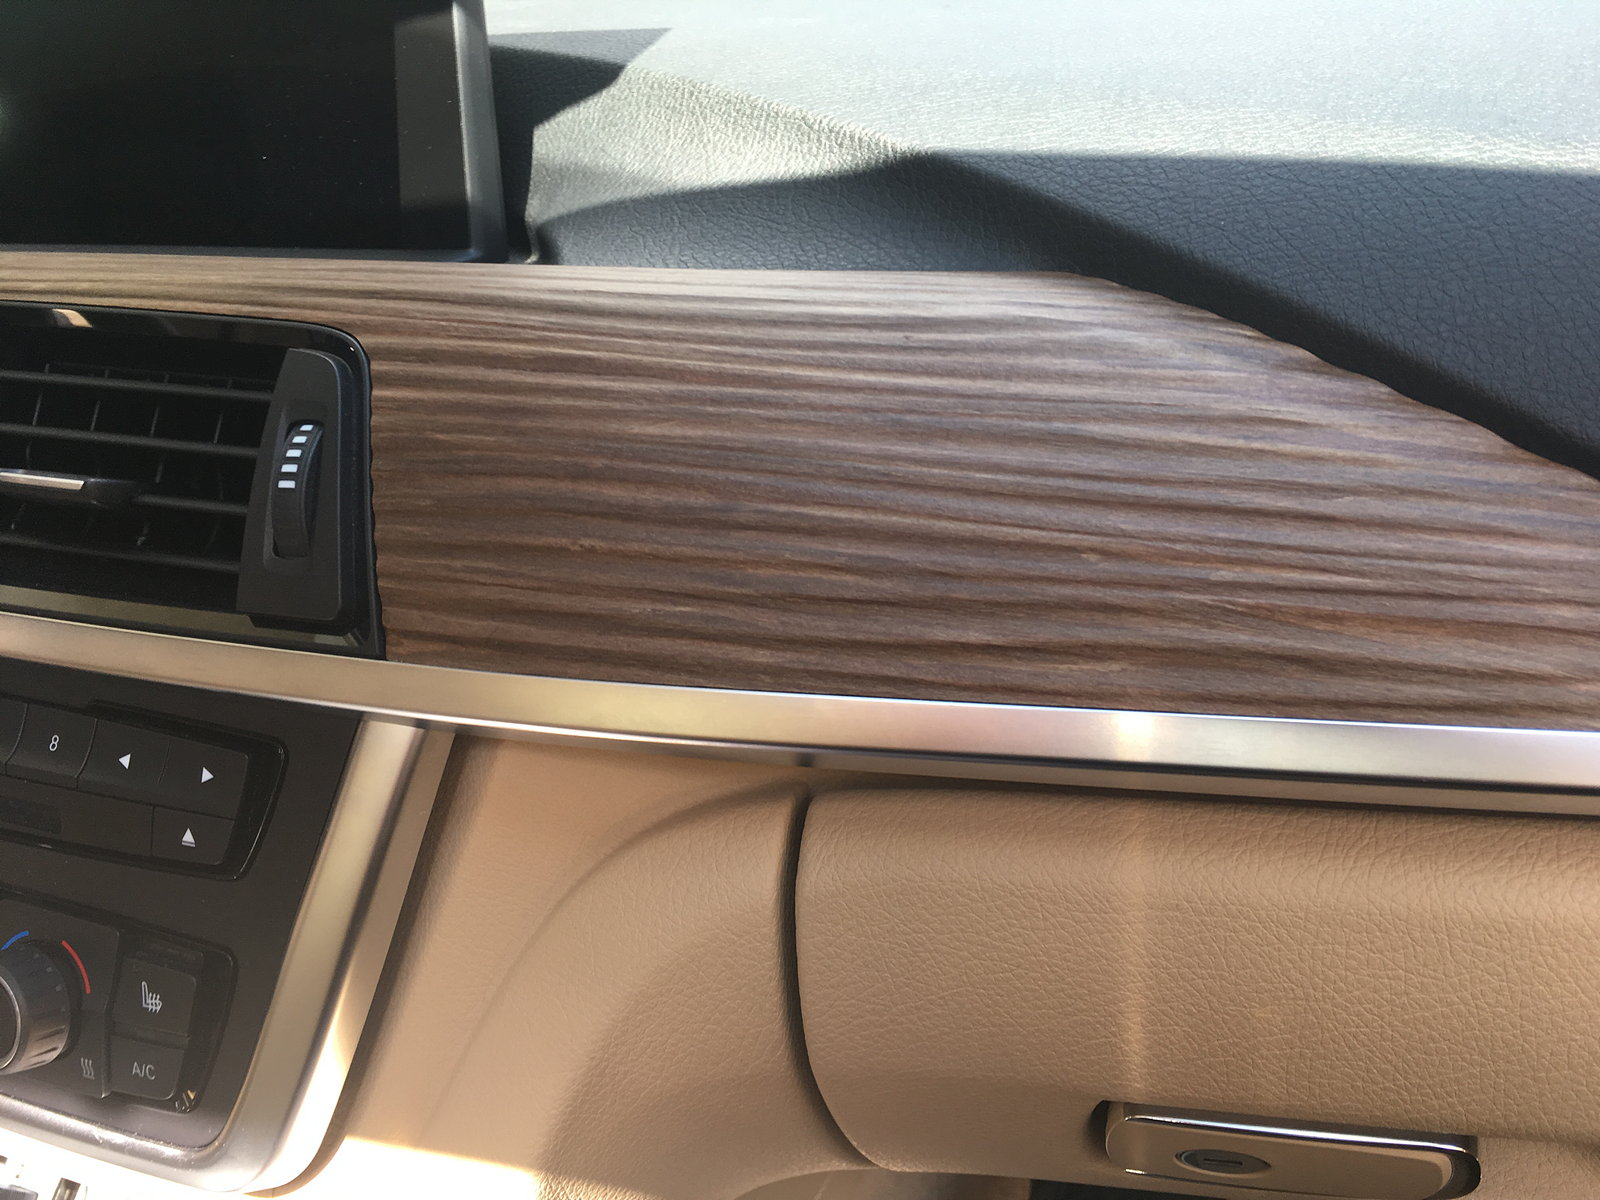 Swapped my Burr Walnut trim with Fineline Pure Wood